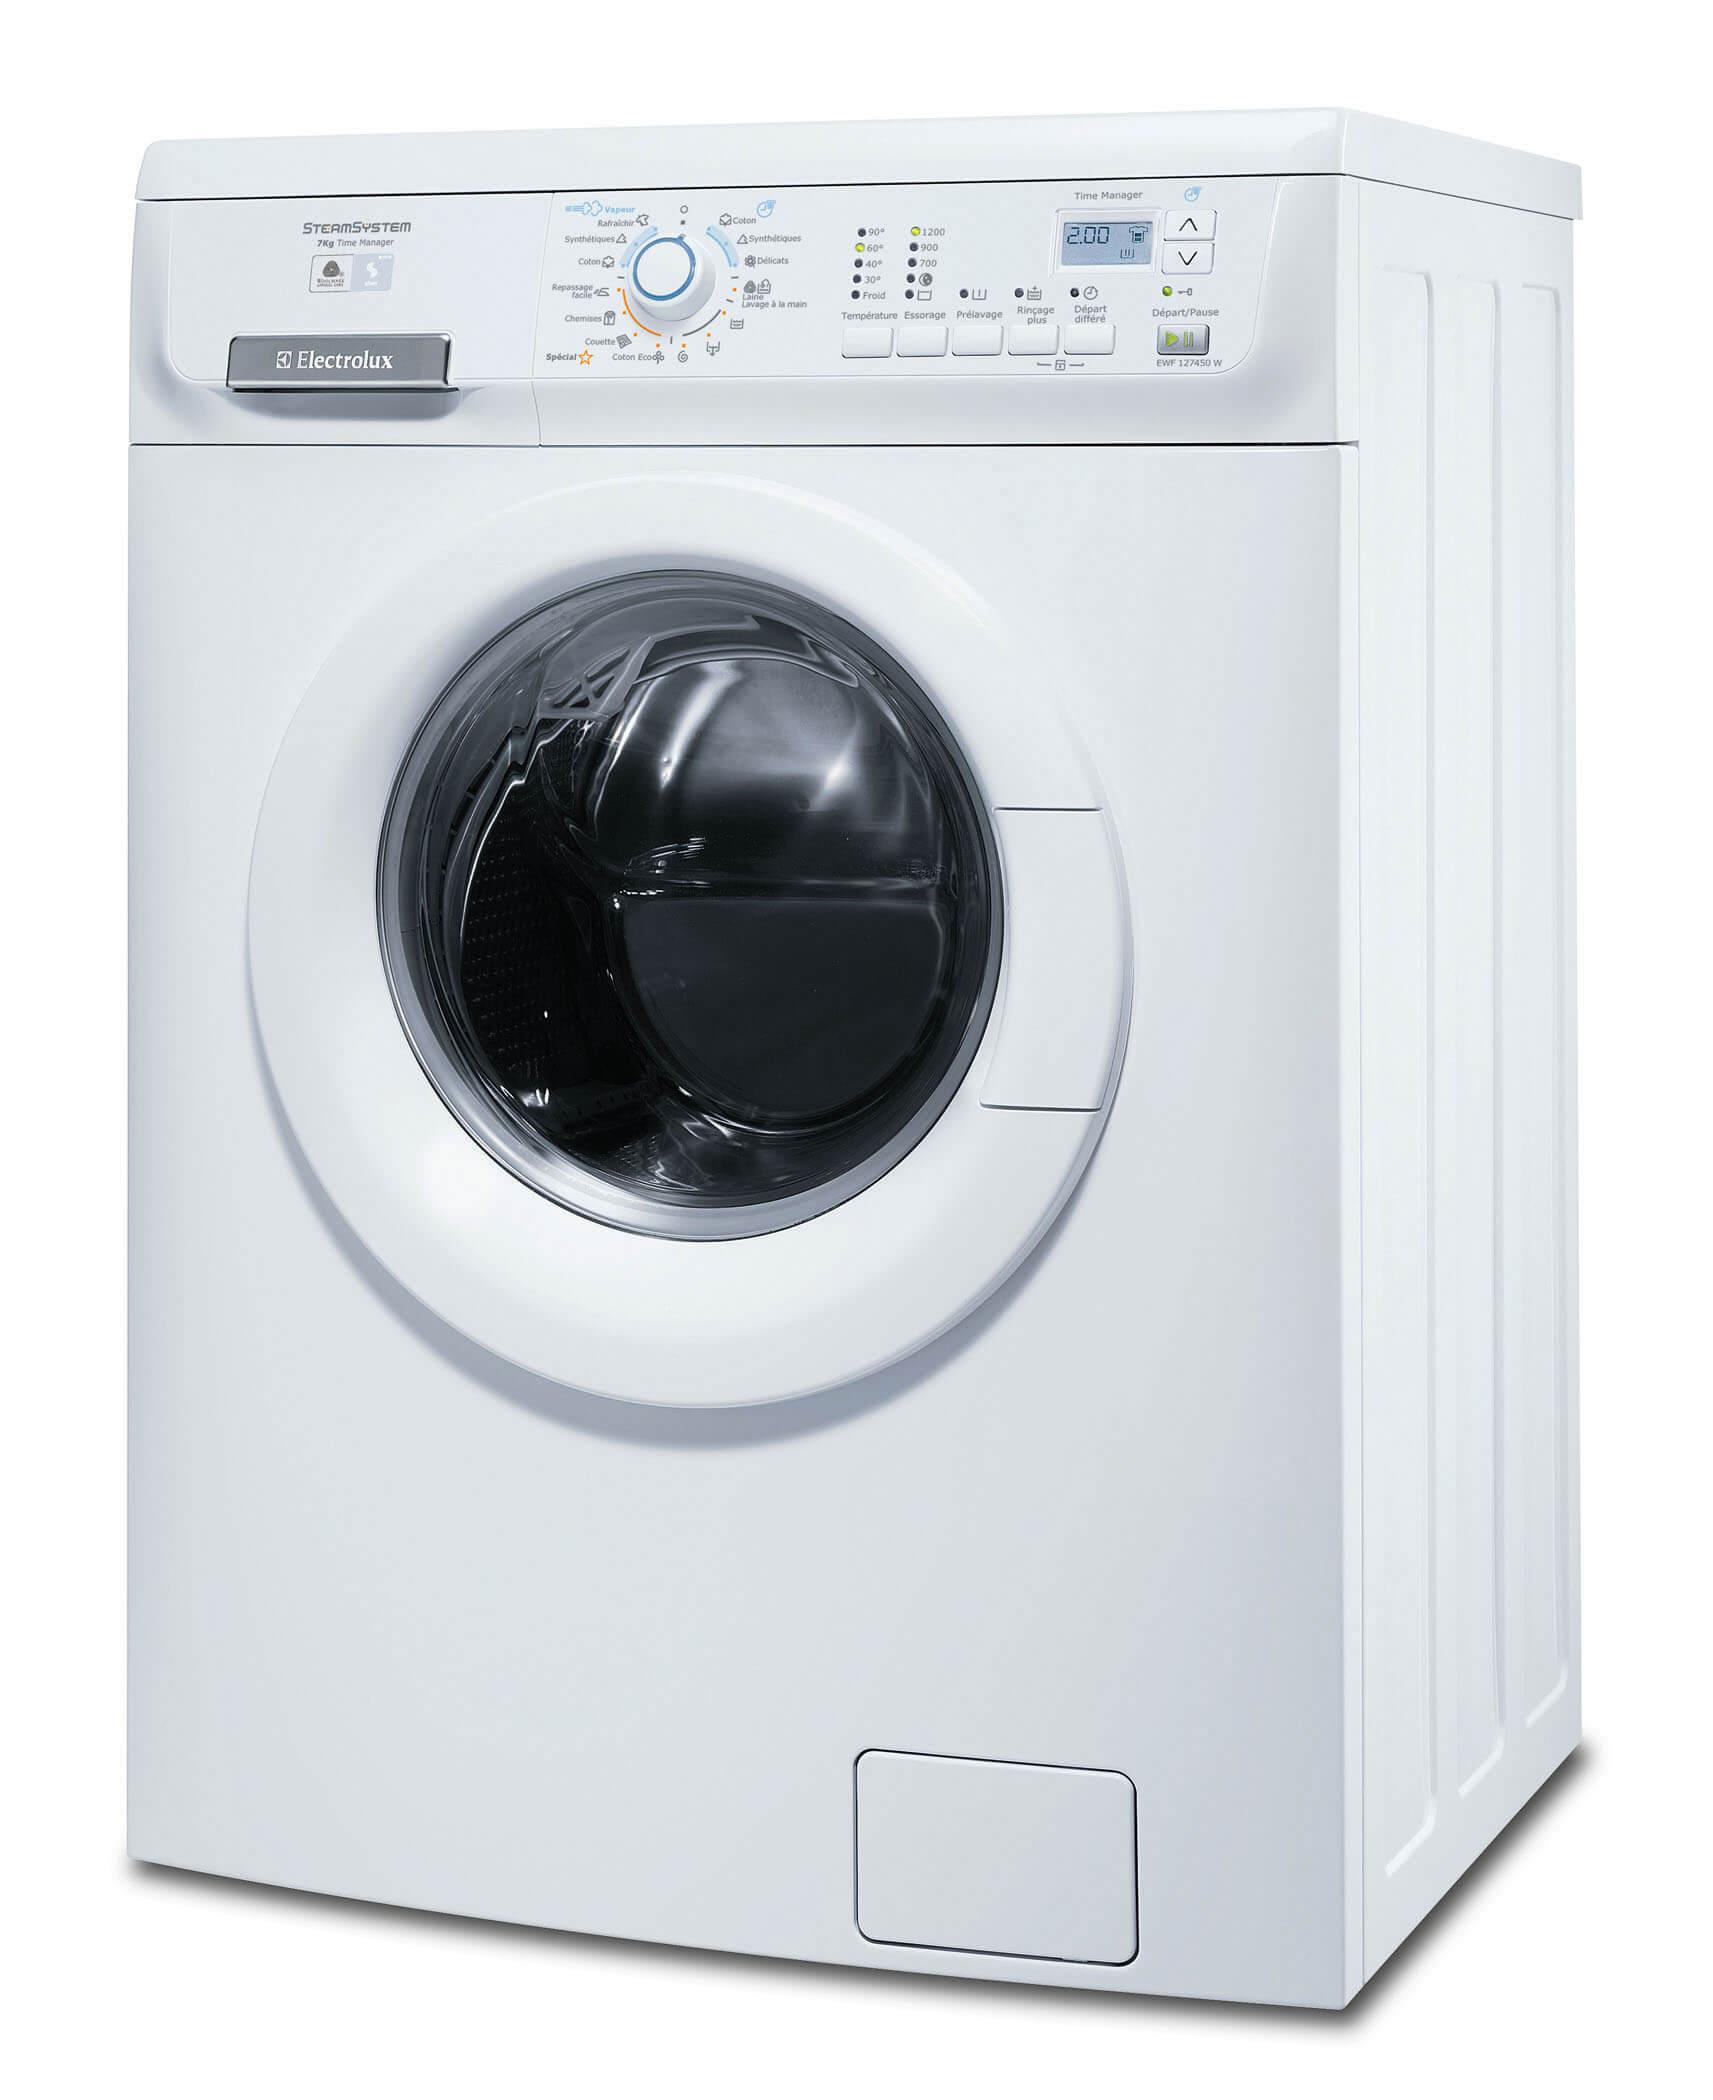 Cu les son algunas cosas que deber as saber sobre lavadoras - Fotos de lavadoras ...